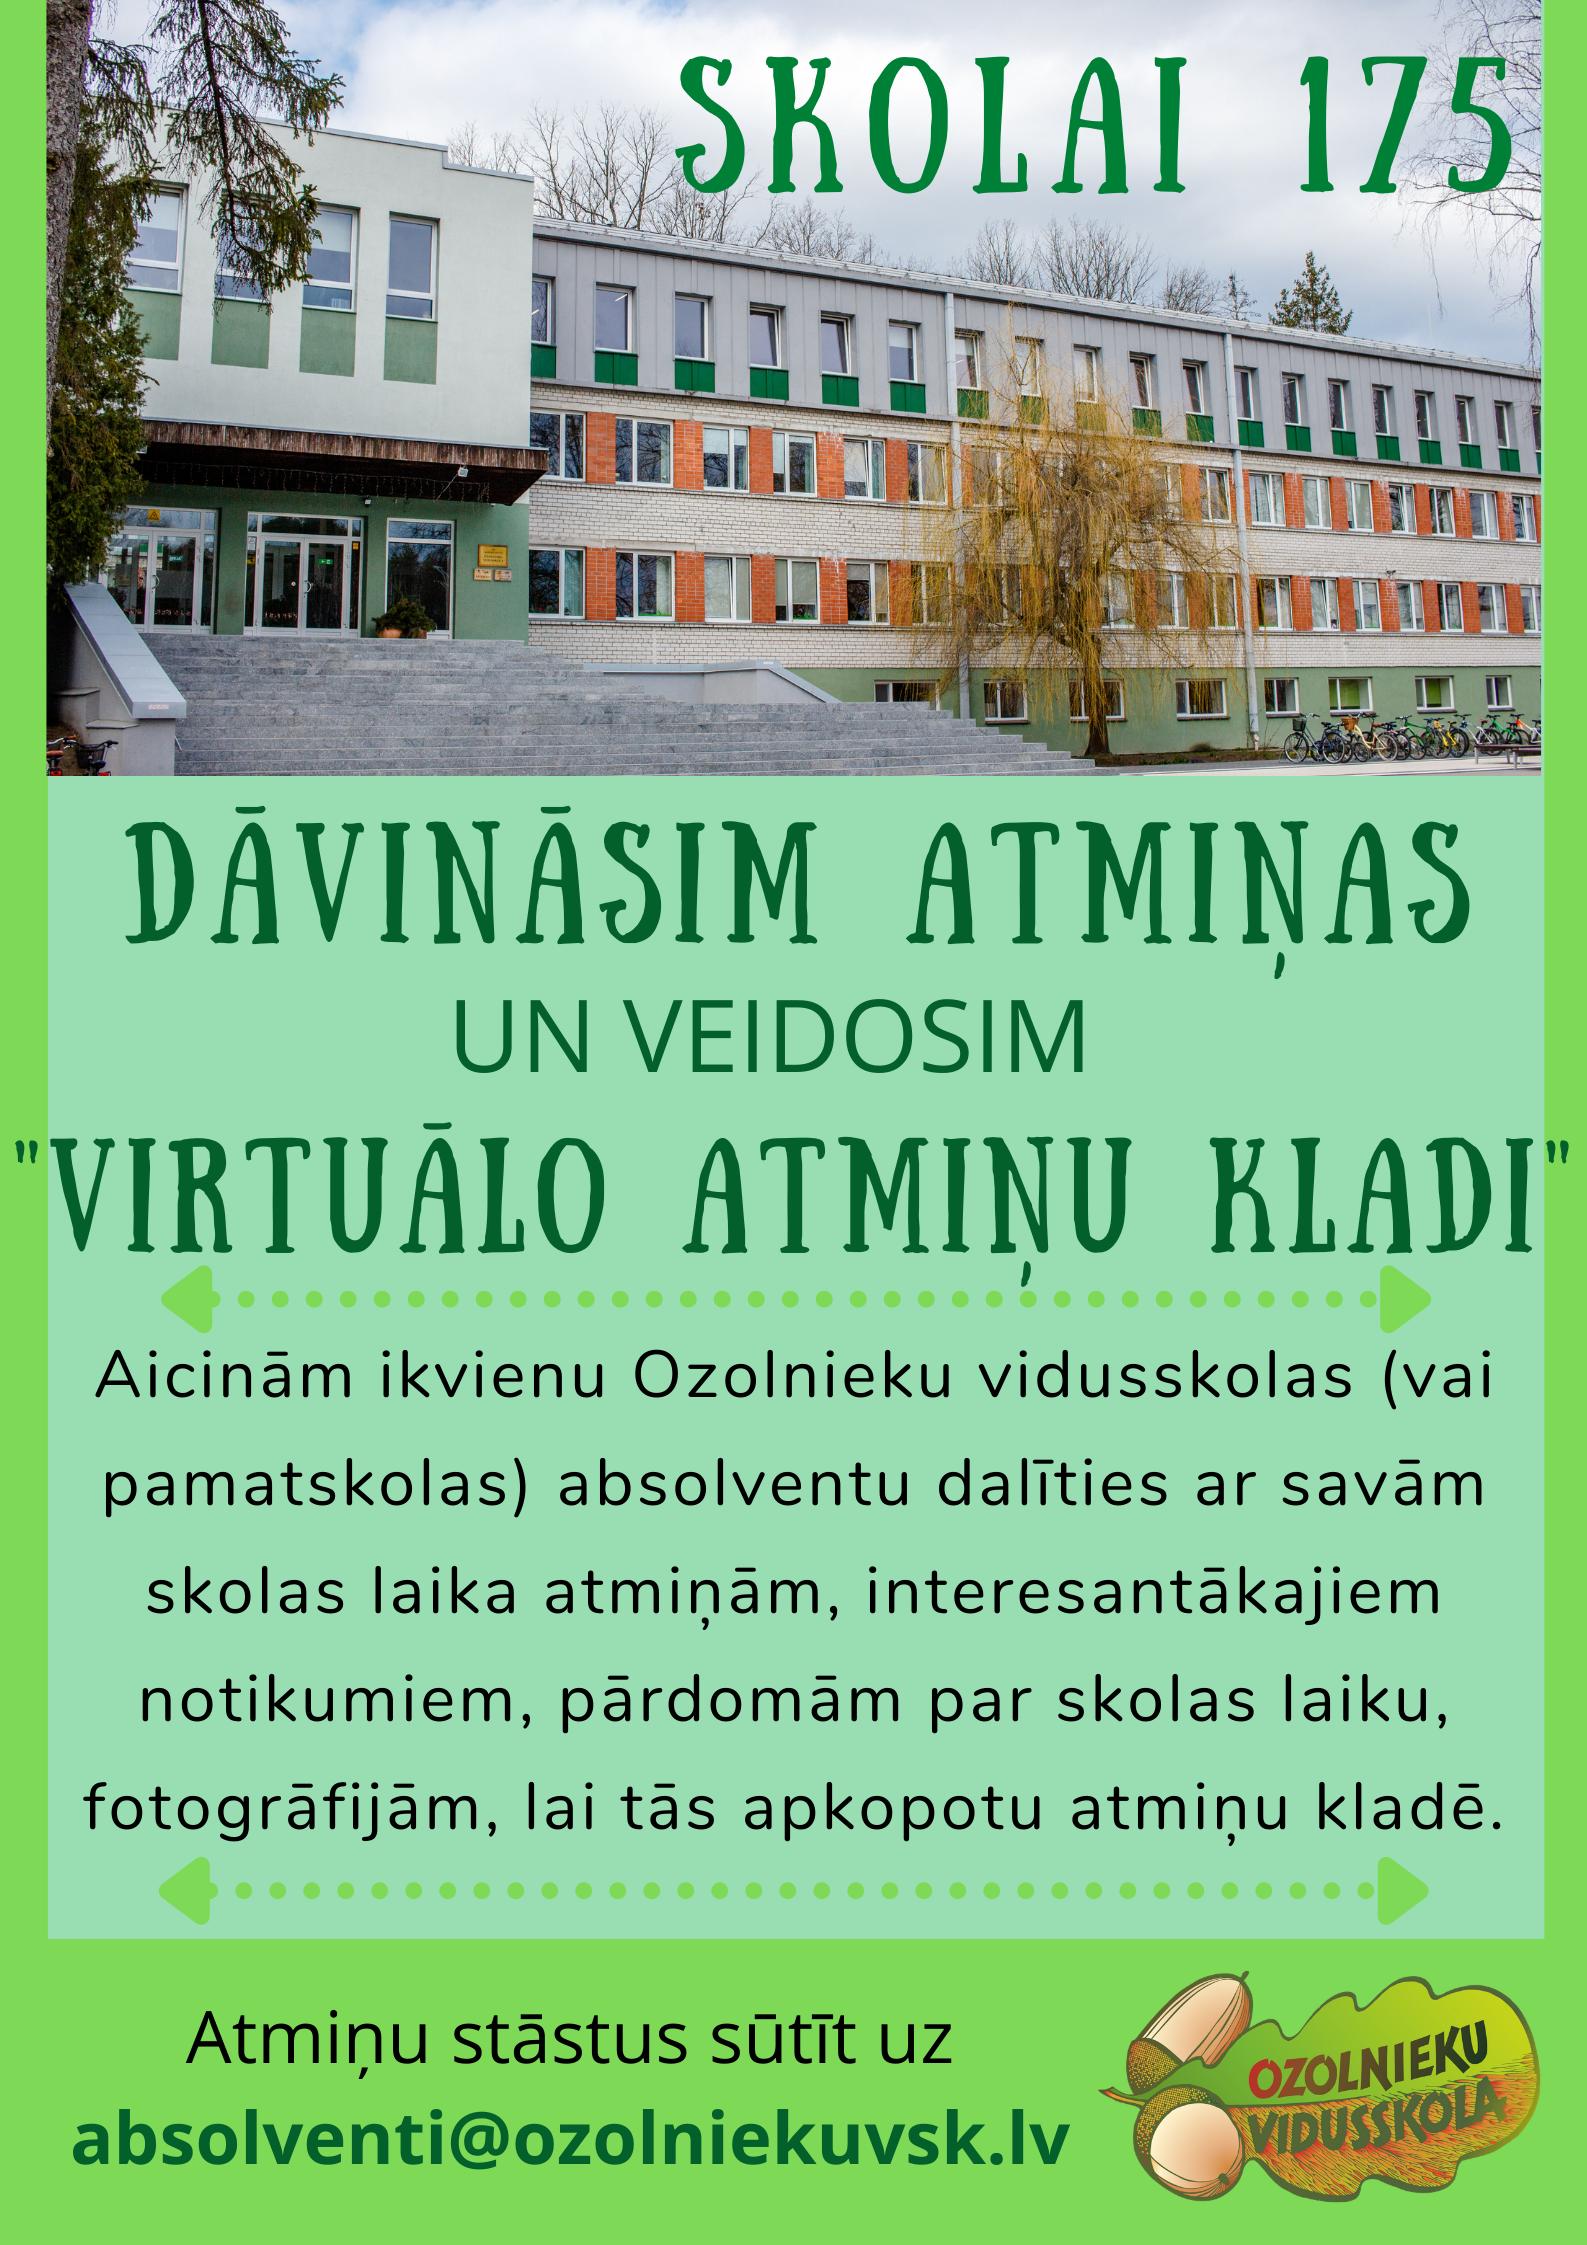 Skolas 175 dzimšanas dienas plakāts.